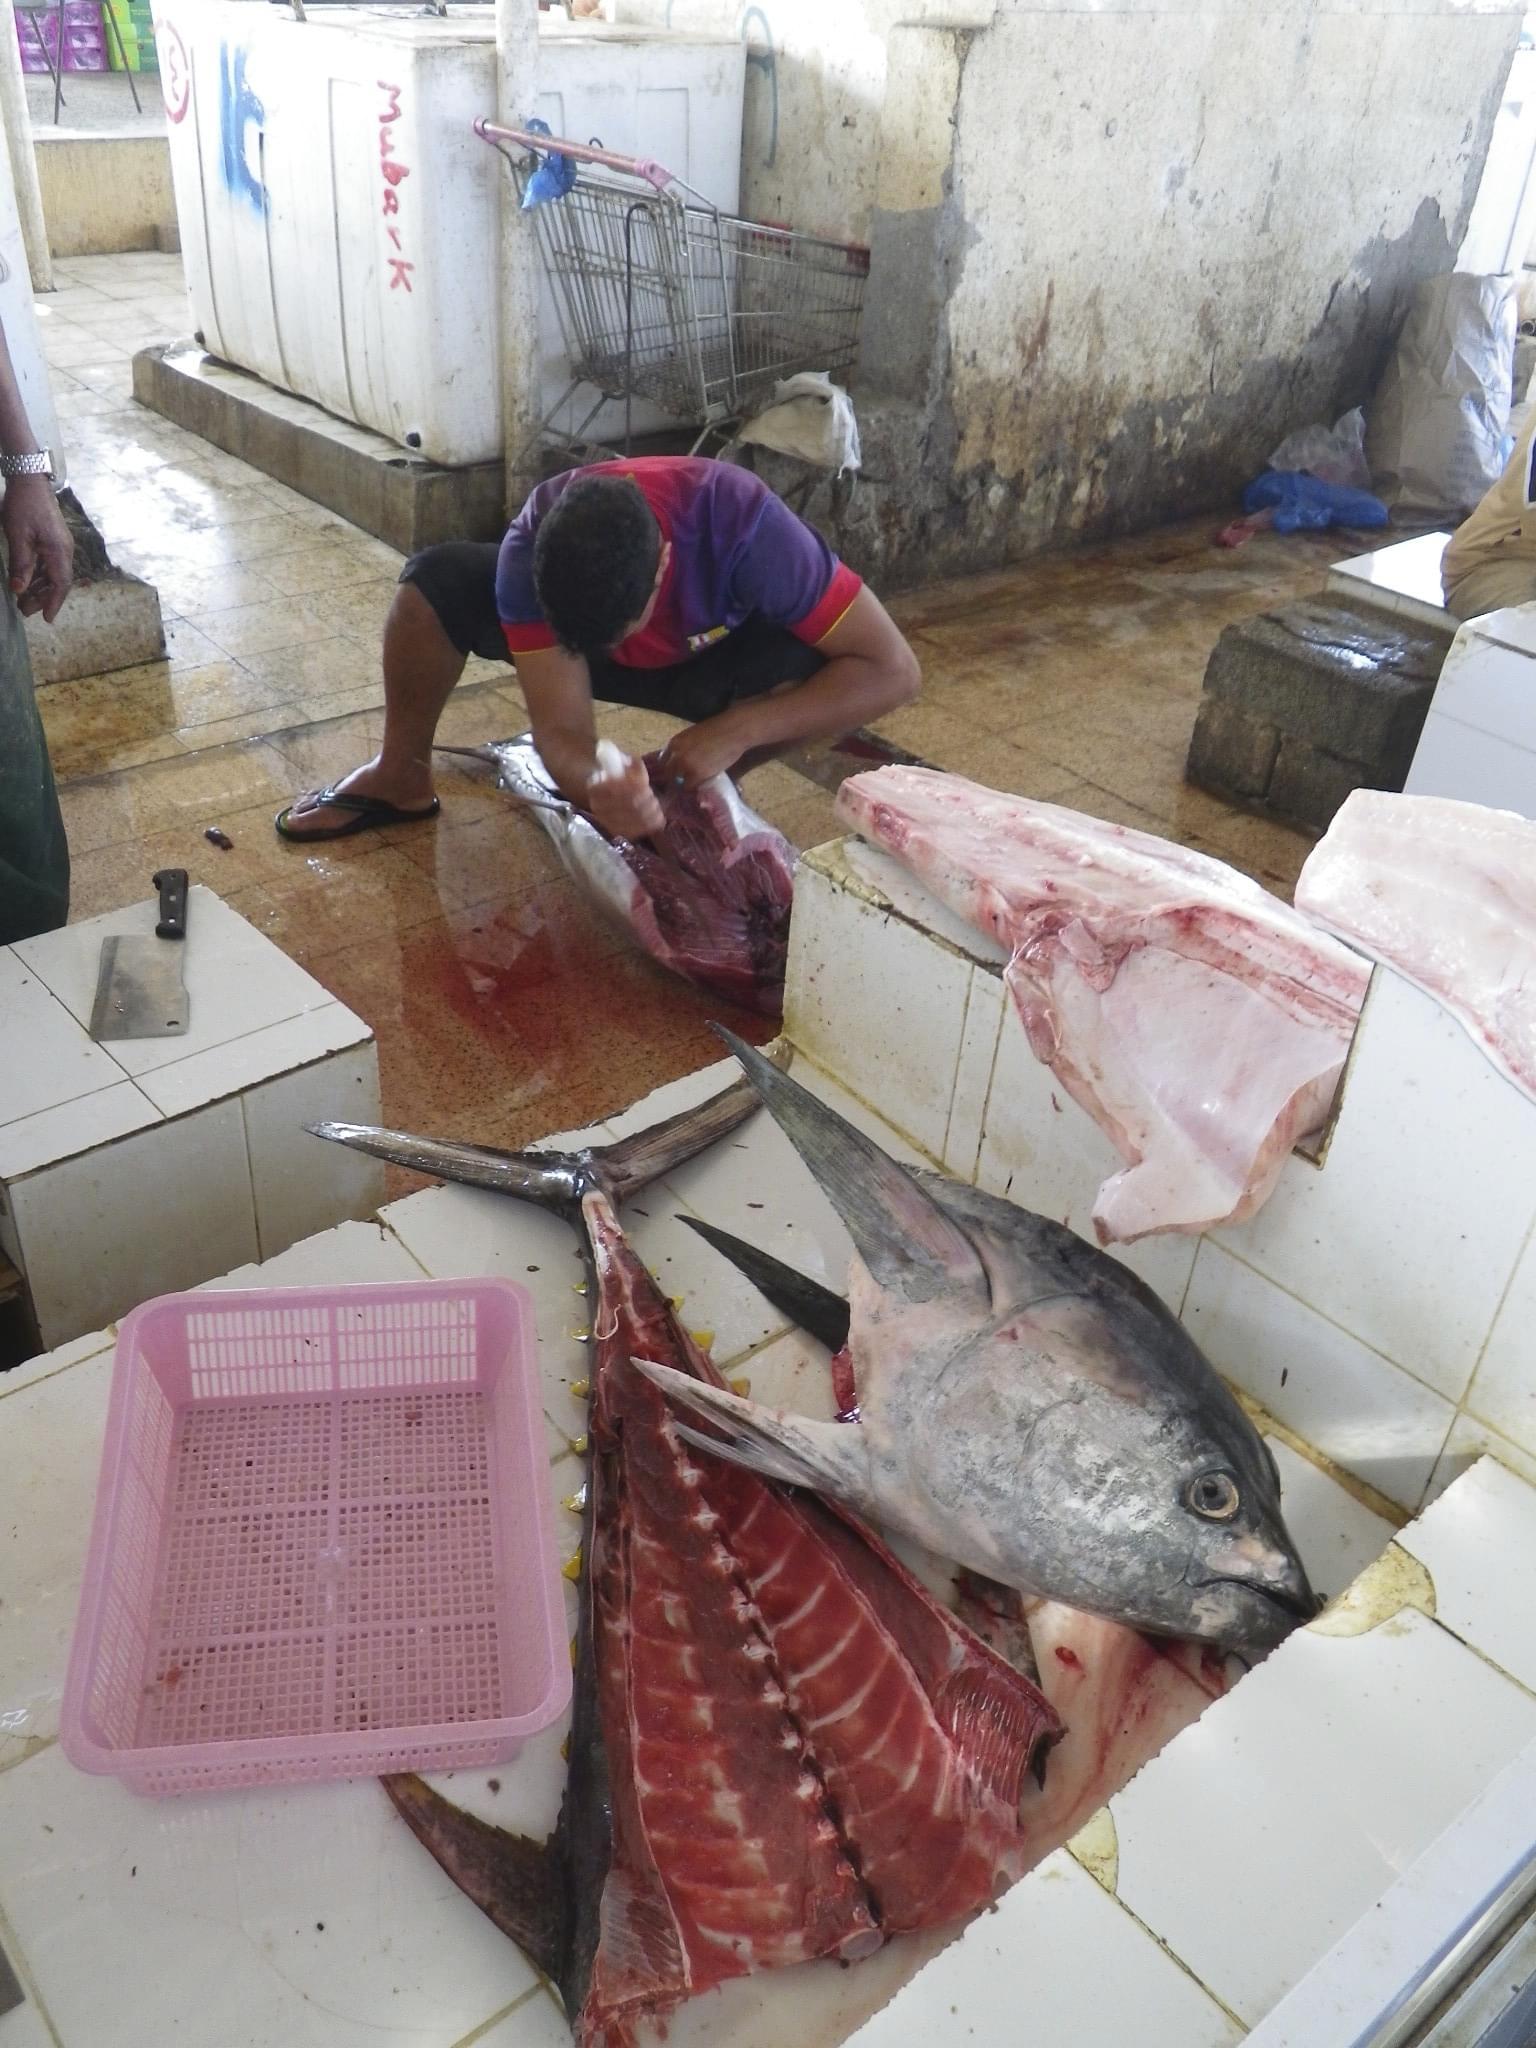 オマーンの田舎町バルカの魚市場が超新鮮でスゴい‼みどころ&アクセス方法紹介!